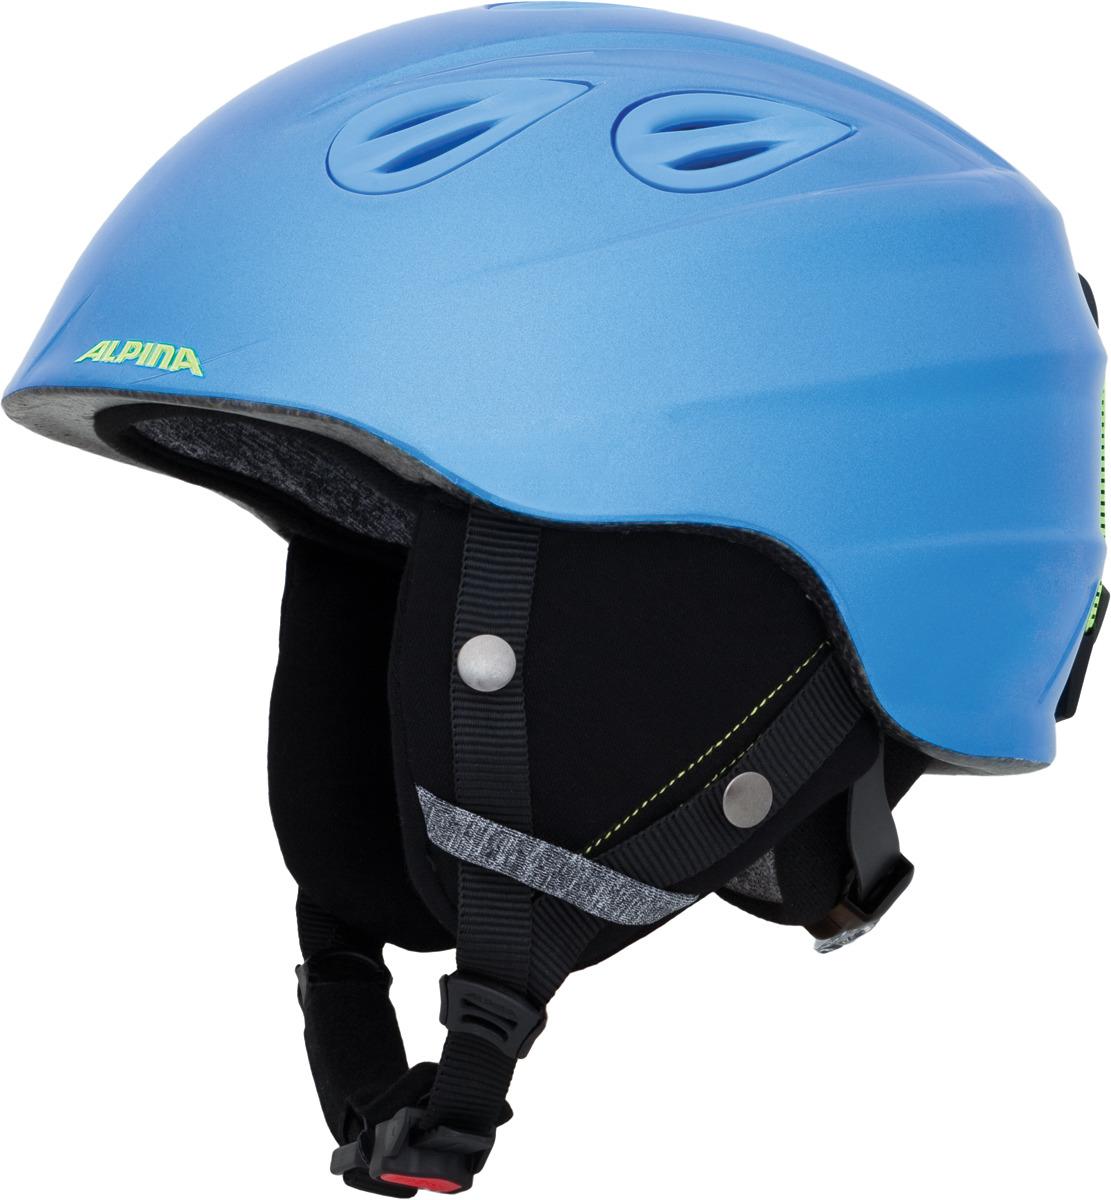 Шлем горнолыжный зимний Alpina Grap 2.0 JR, цвет: голубой. Размер 51-54 см